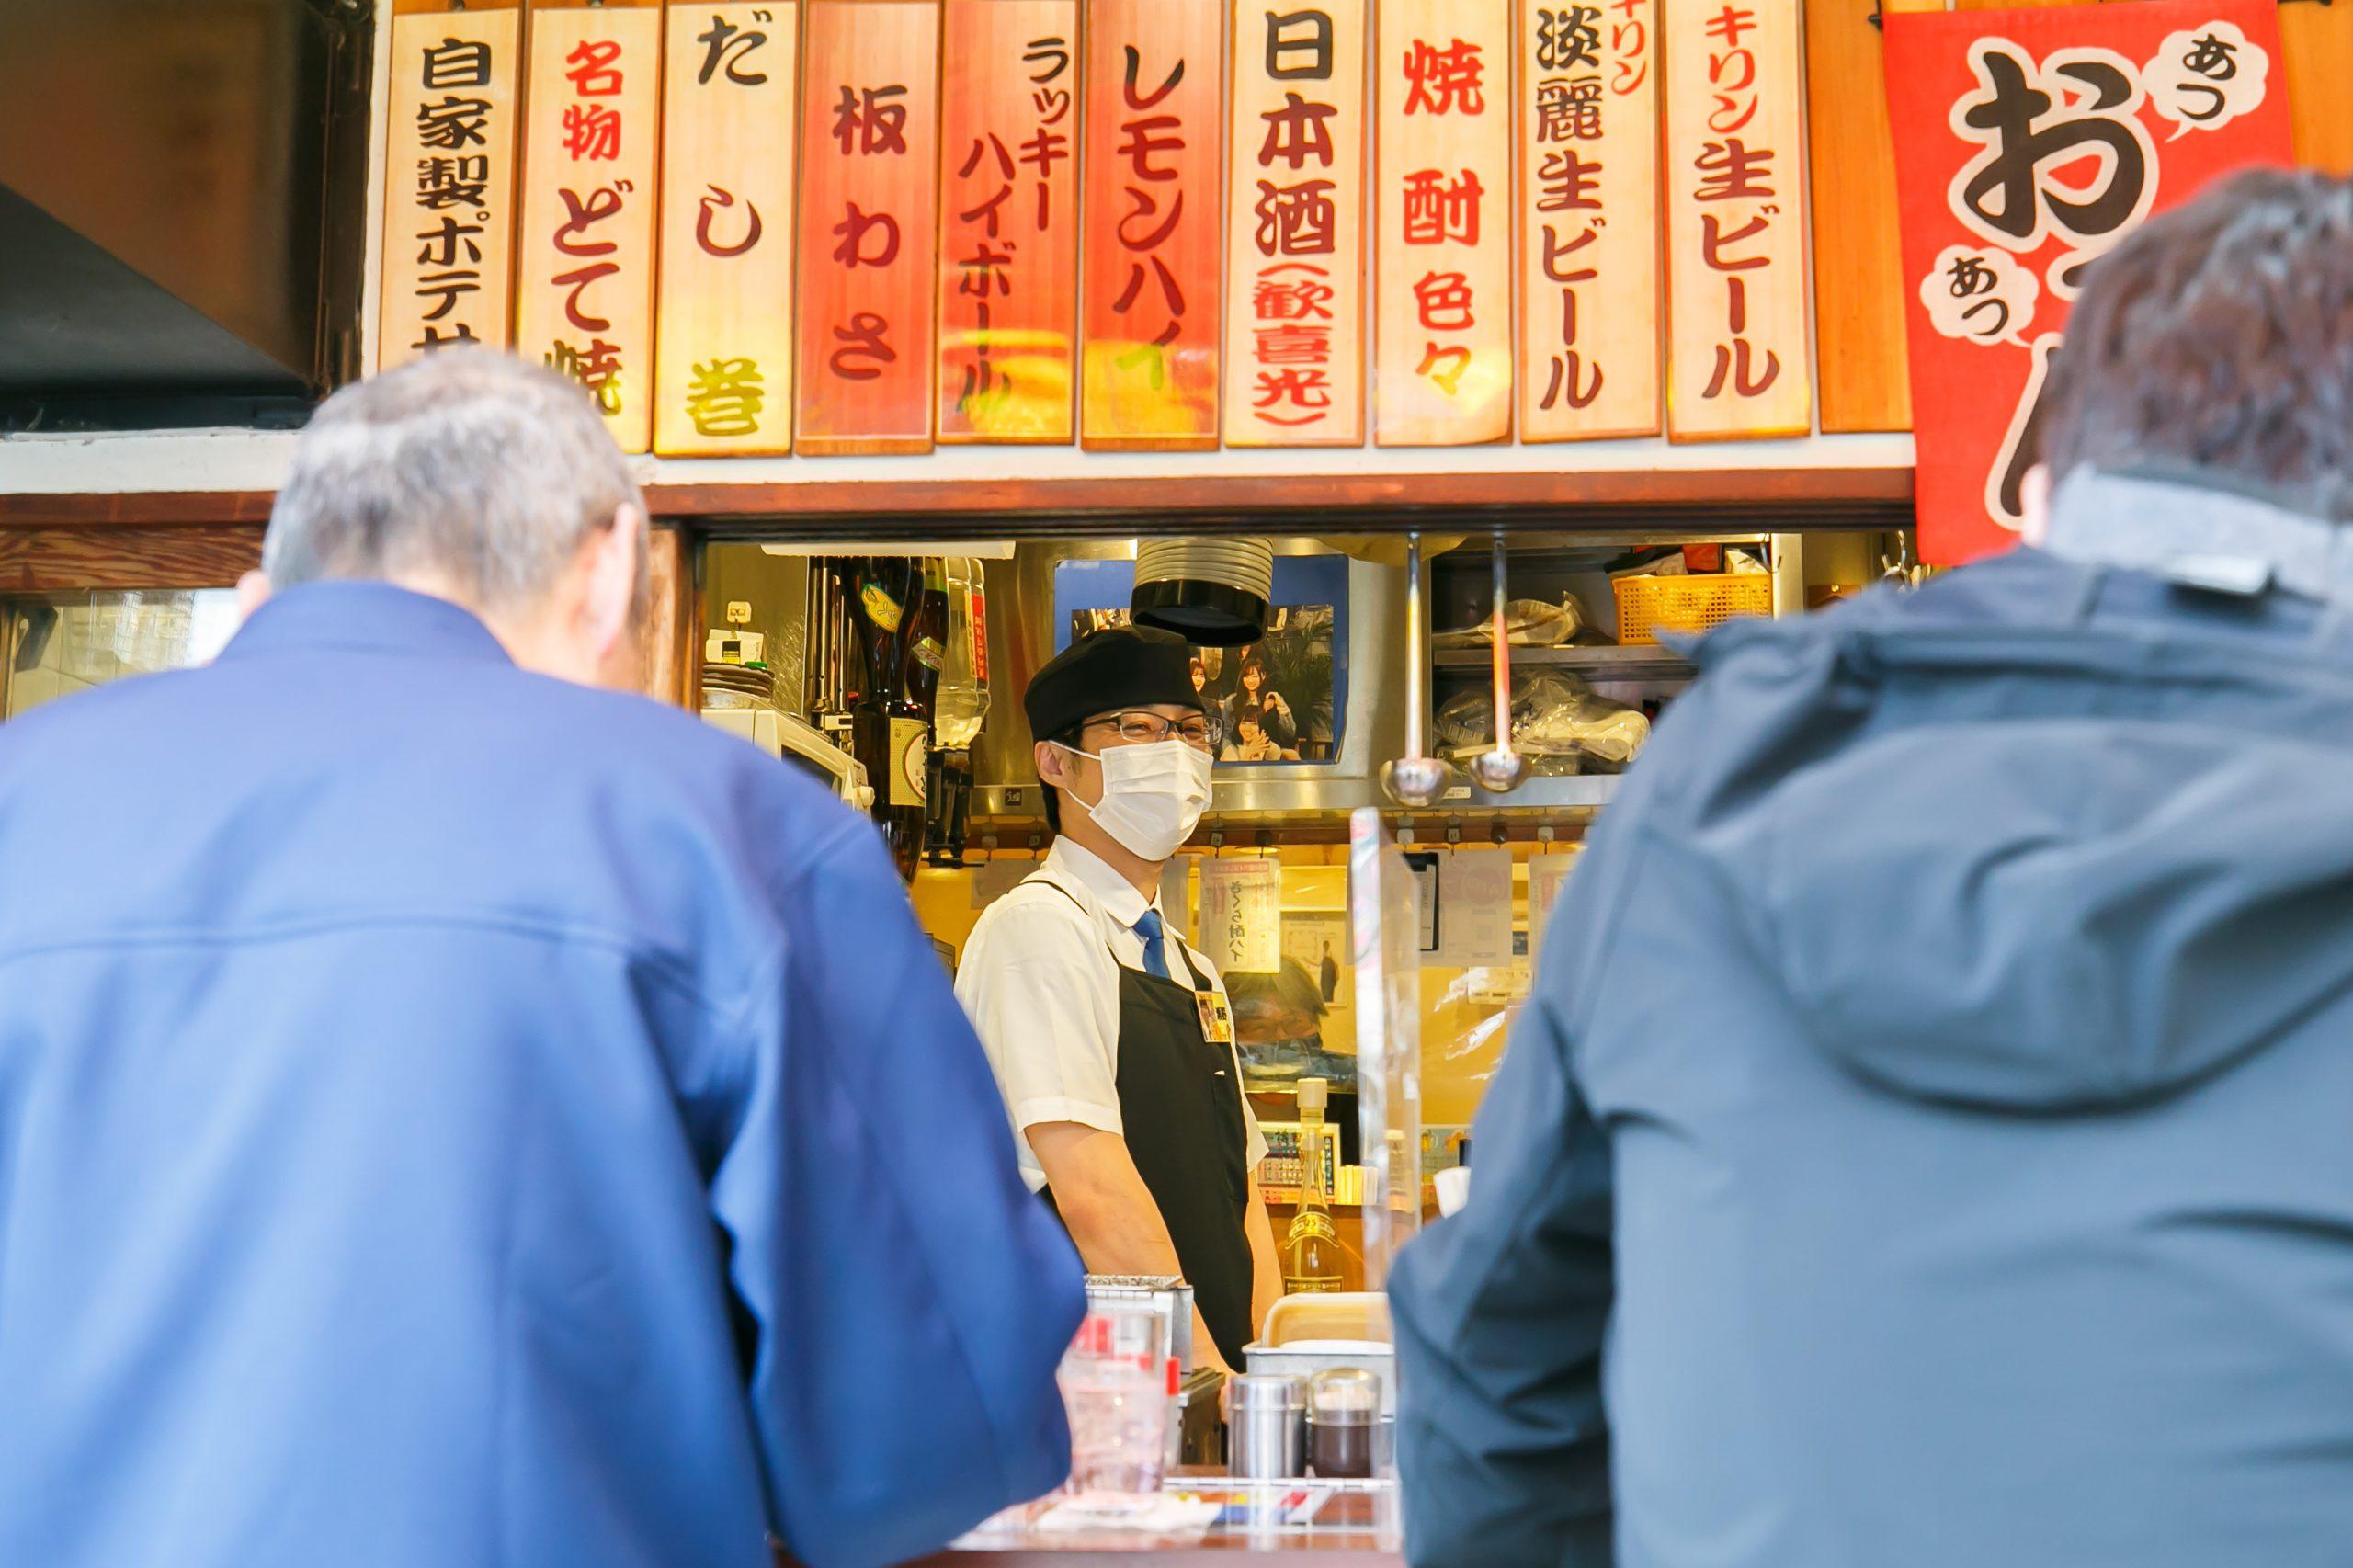 京橋店 イメージ写真